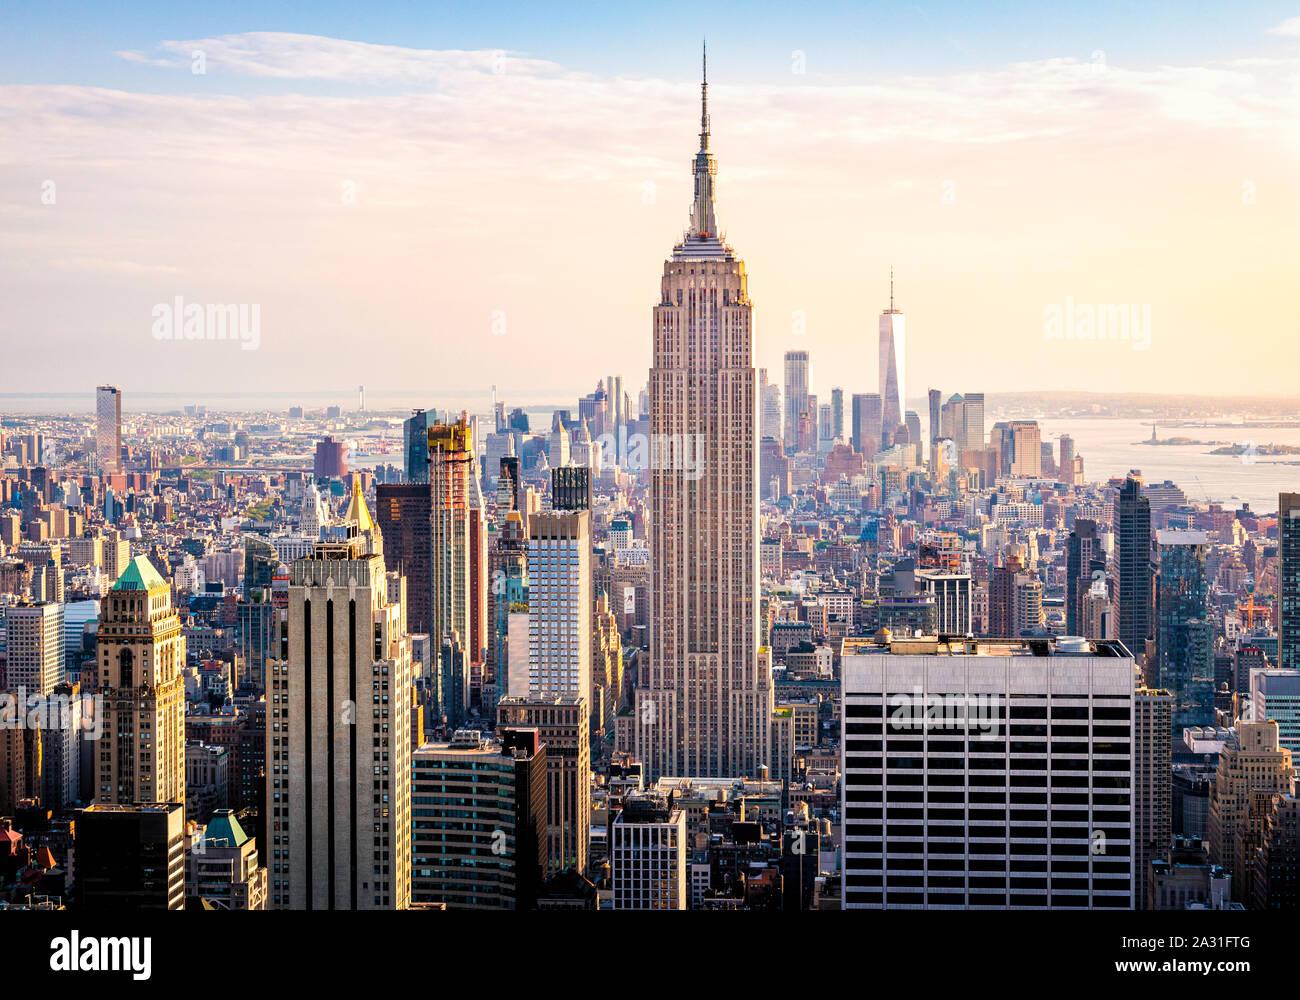 Das Empire State Building überragt die Manhattan in New York City, USA. Stockfoto